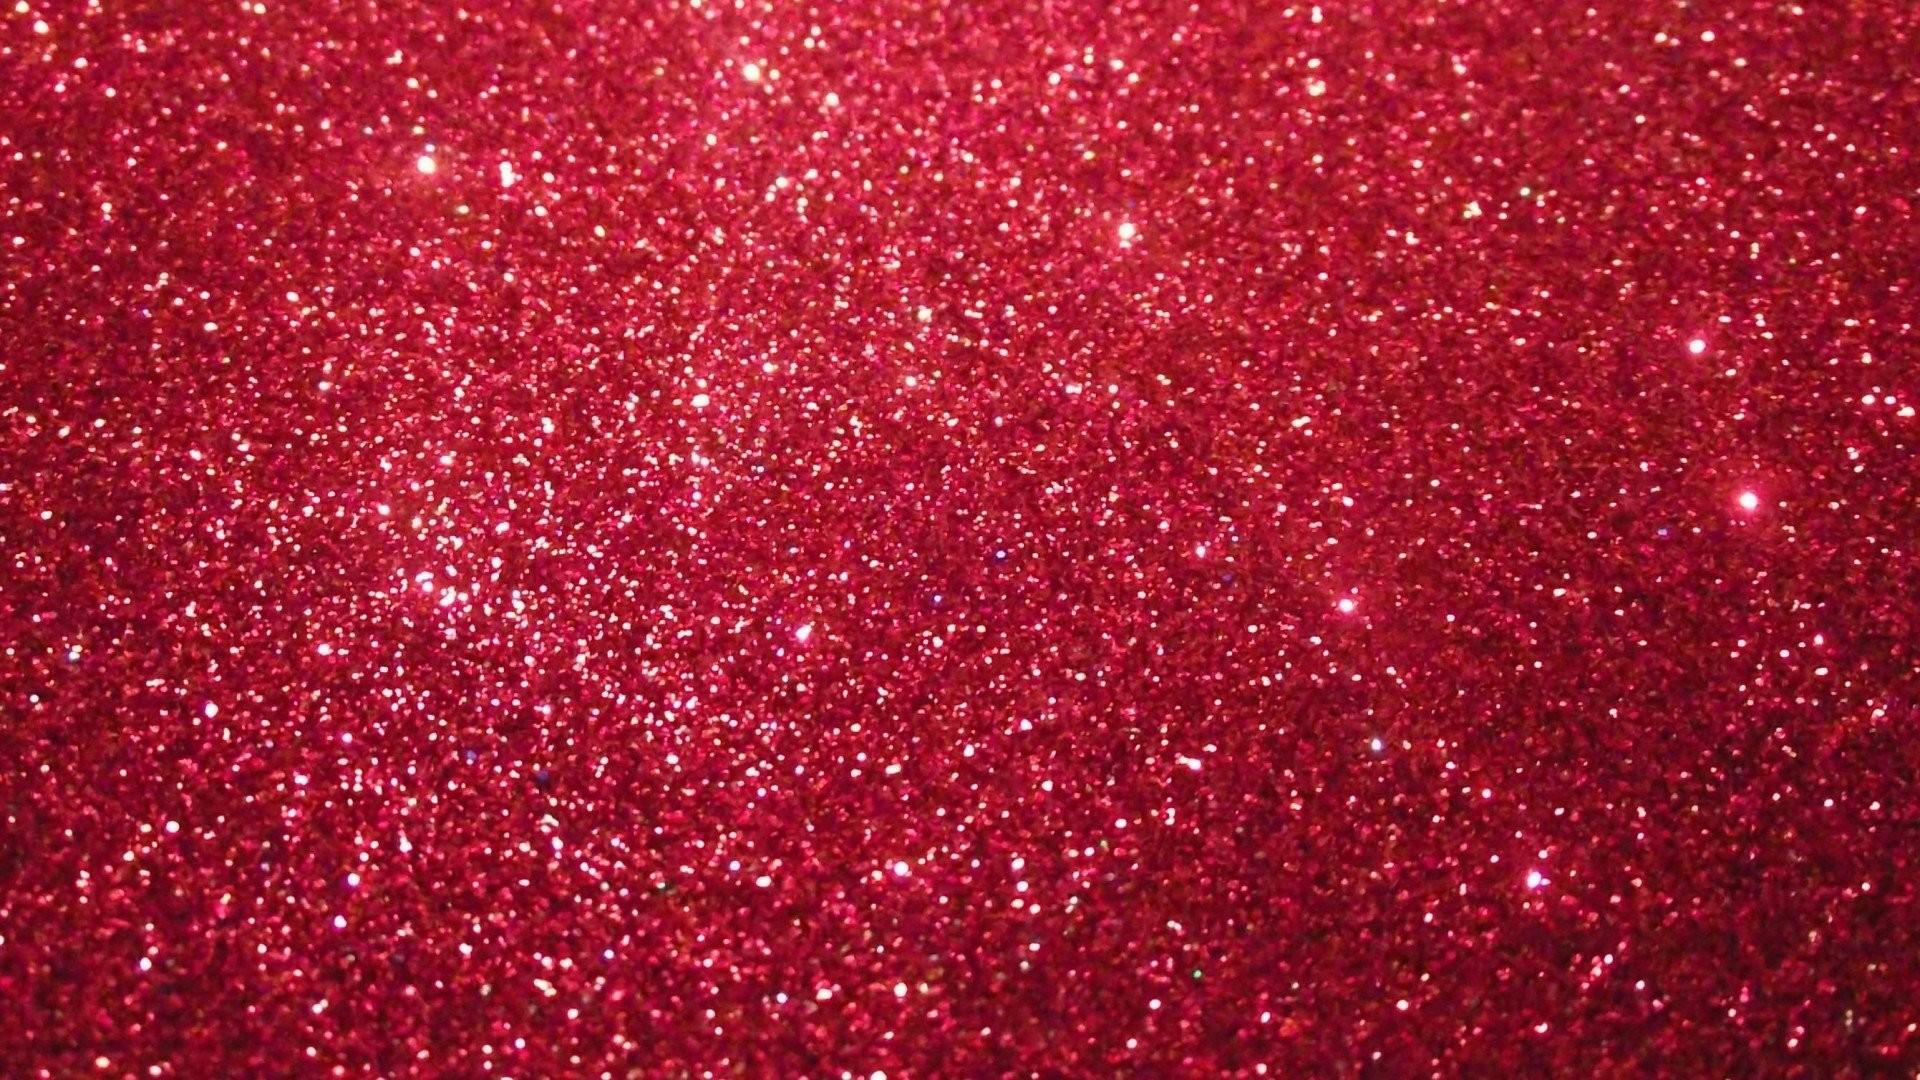 Glitter Backgrounds